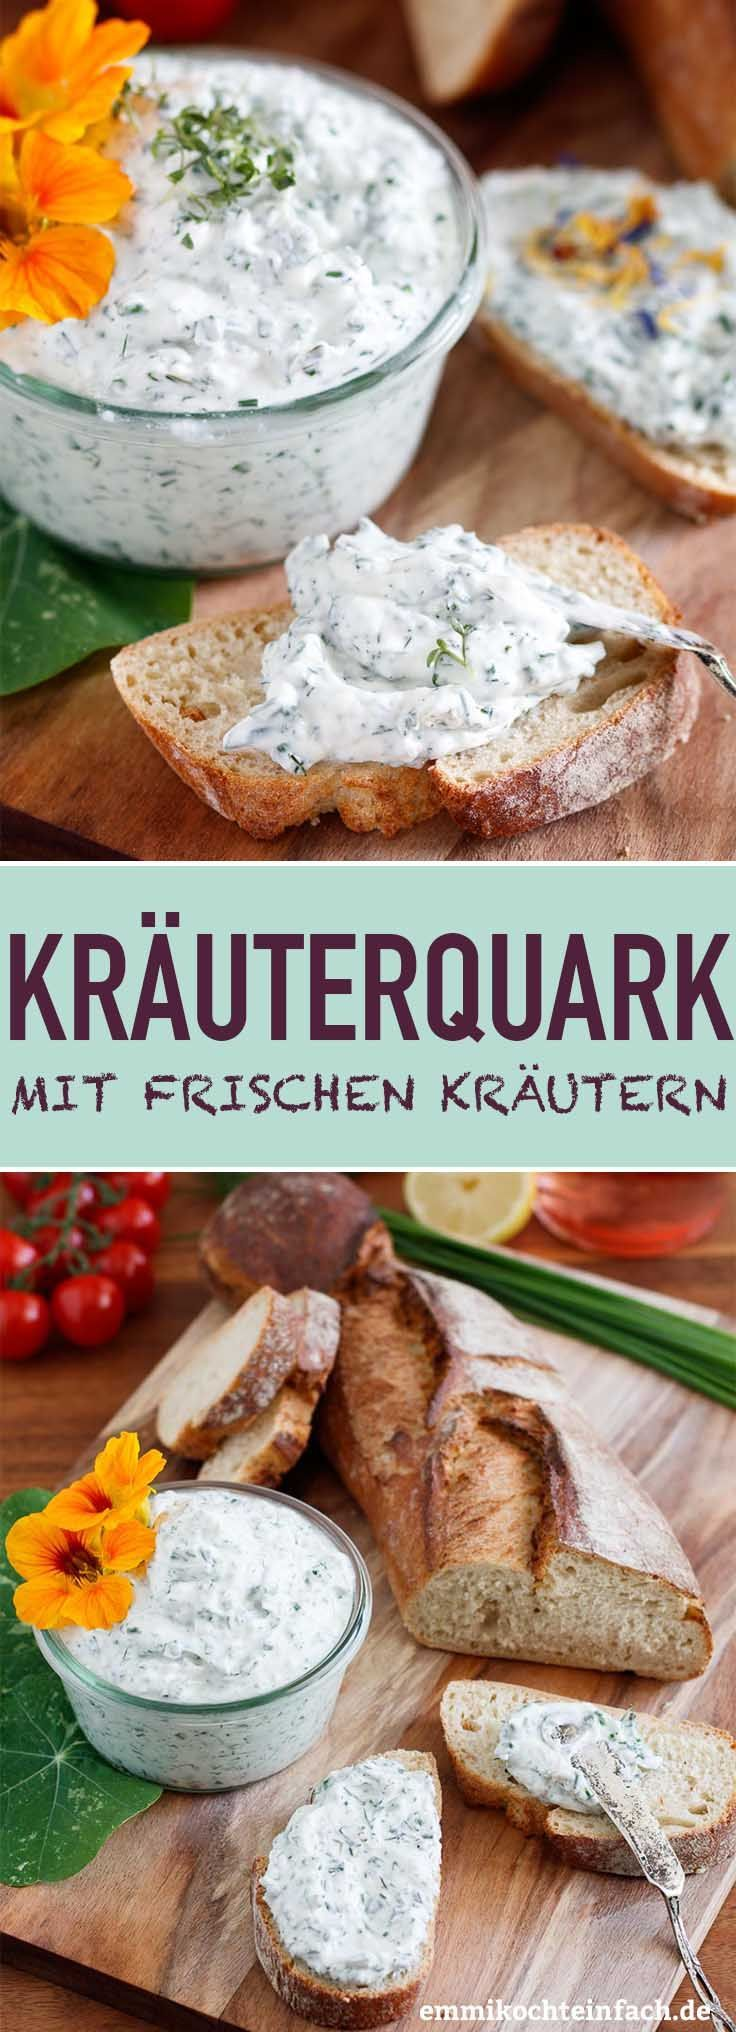 Kräuterquark mit frischen Kräutern und Zitrone #grilleddesserts